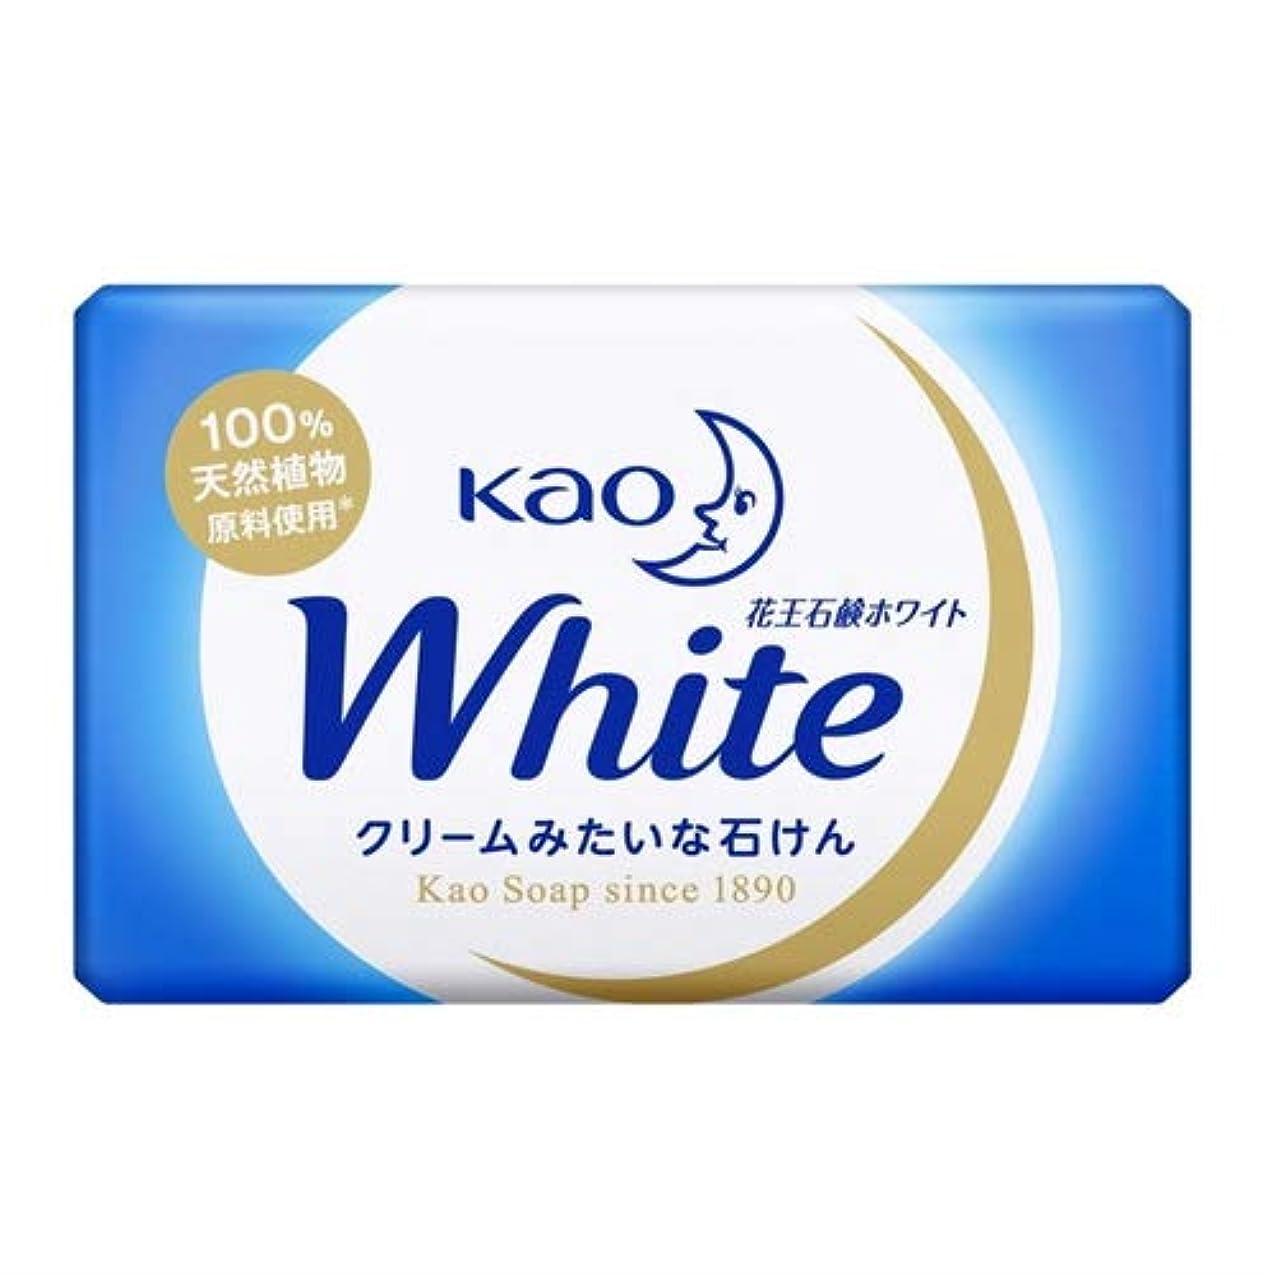 オレンジ弱いケーブルカー花王石鹸ホワイト 業務用ミニサイズ 15g × 10個セット